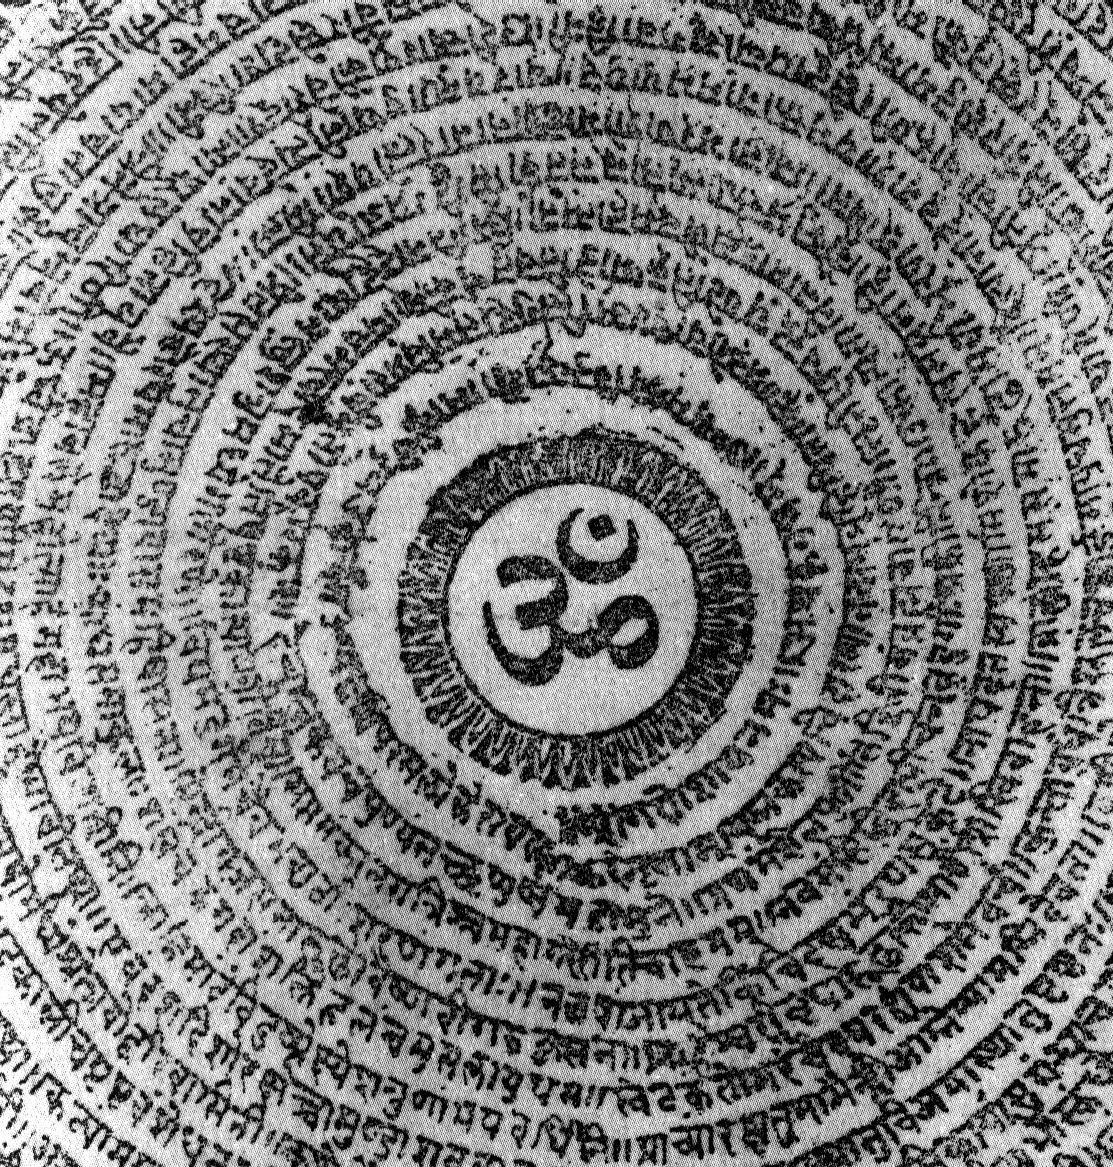 http://www.aryabhatt.com/occult/kundalini/images/om.jpg